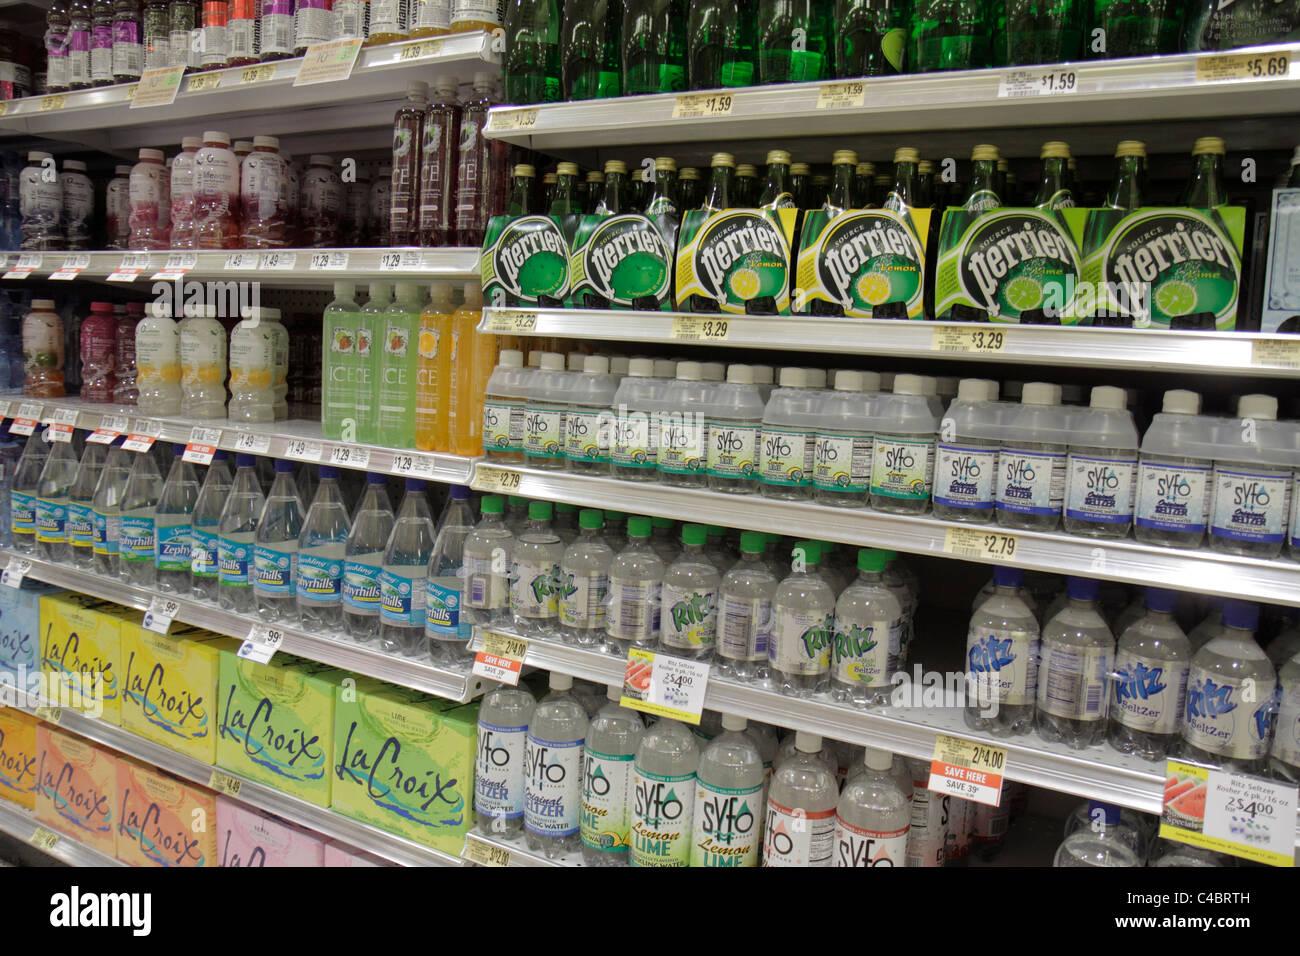 Épicerie Publix Ocala en Floride l'étalage de vente au détail Supermarchés des marques concurrentes Photo Stock